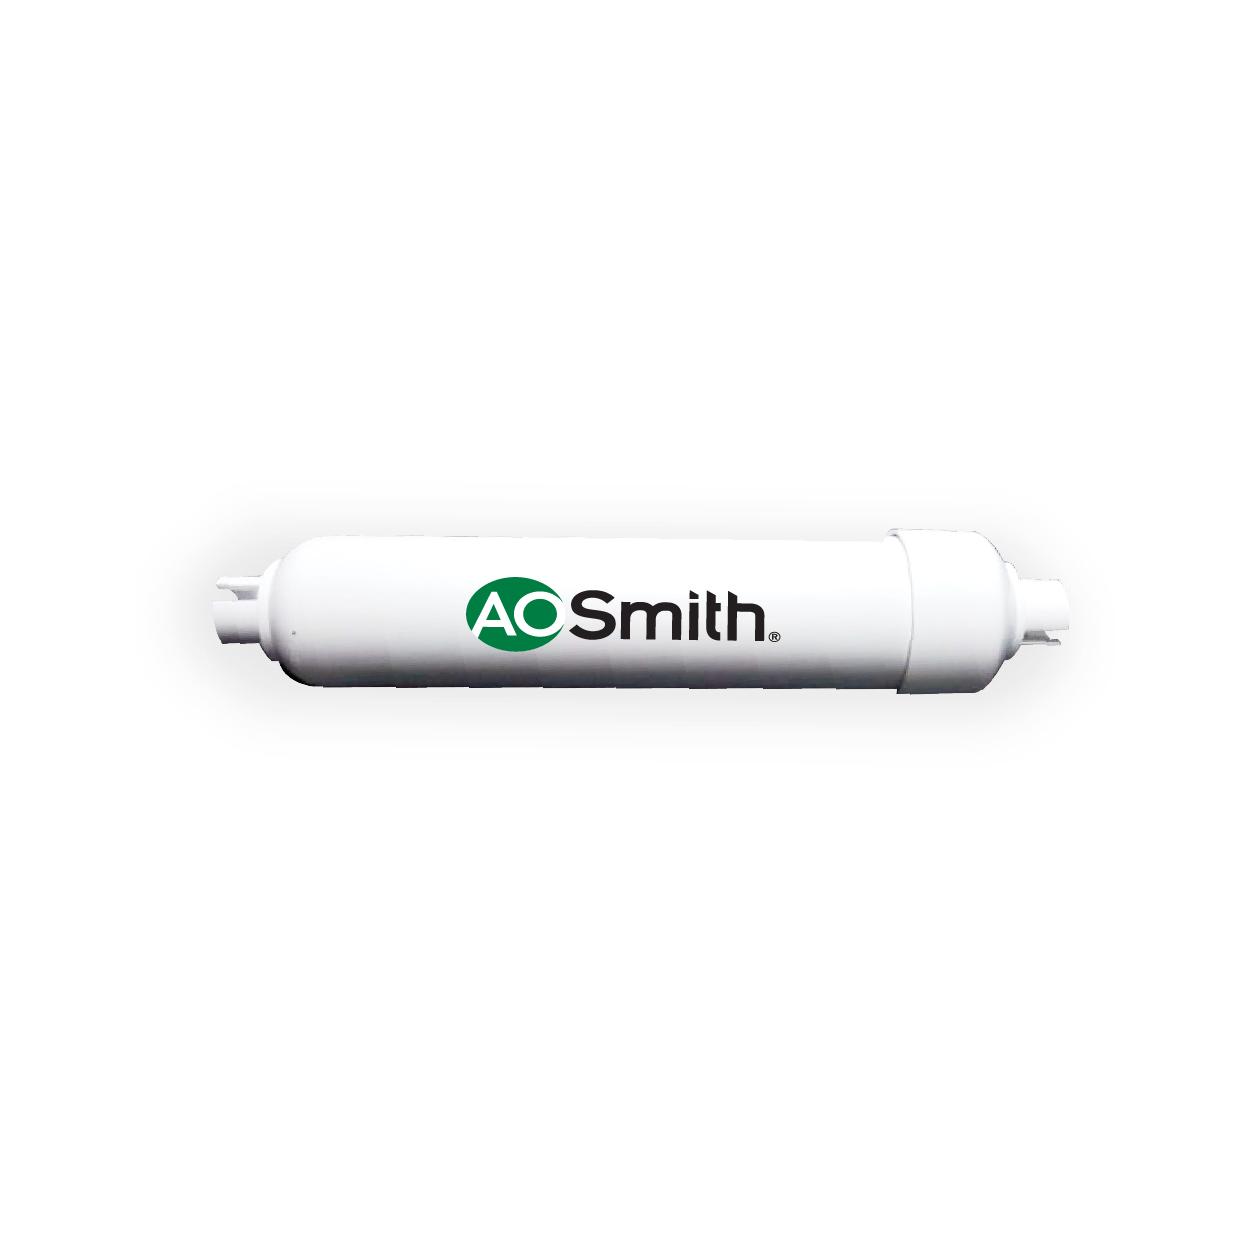 Lõi lọc GAC Min-Tech (AO Smith E2)